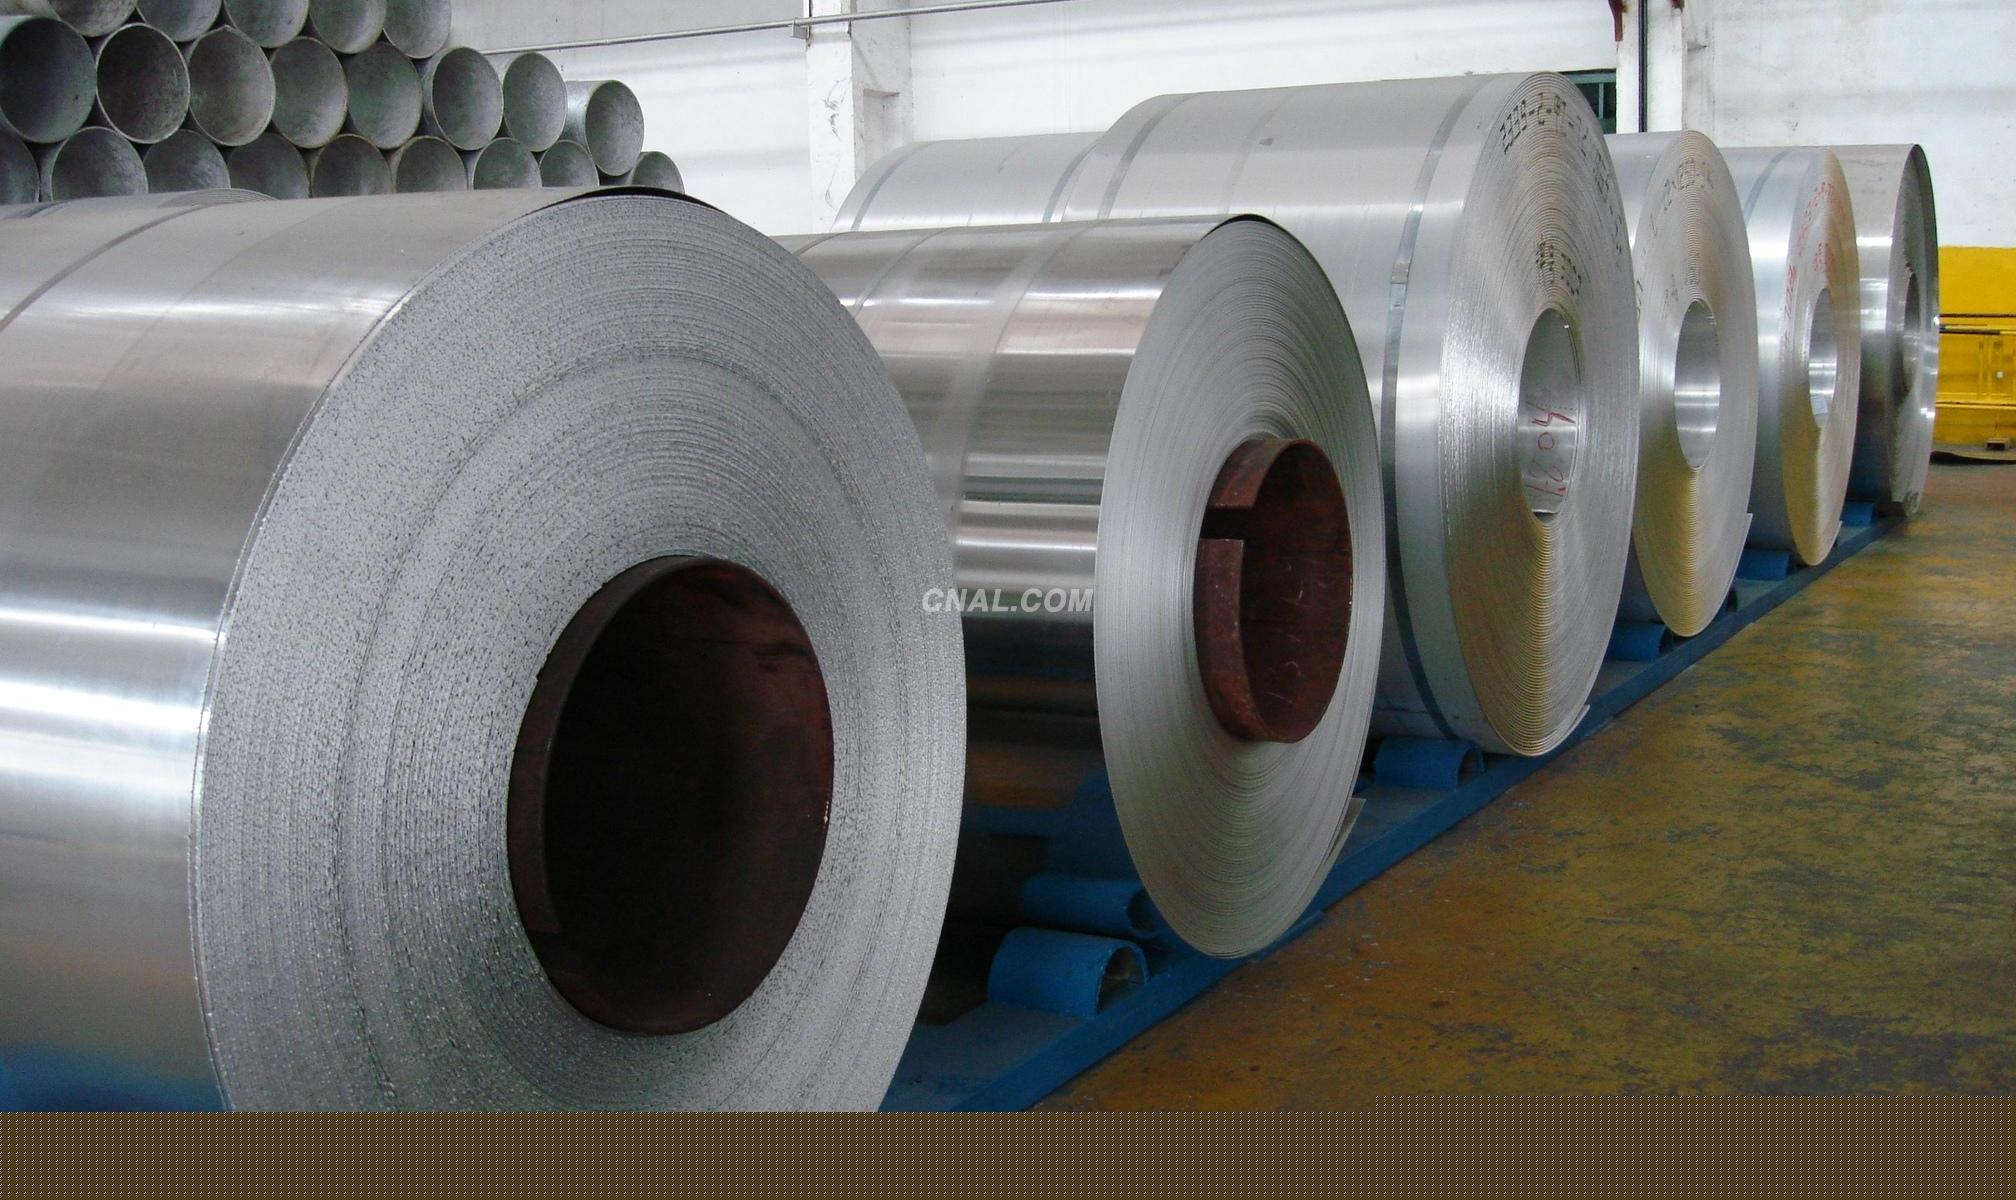 陕州区召开 铝工业发展专题座谈会